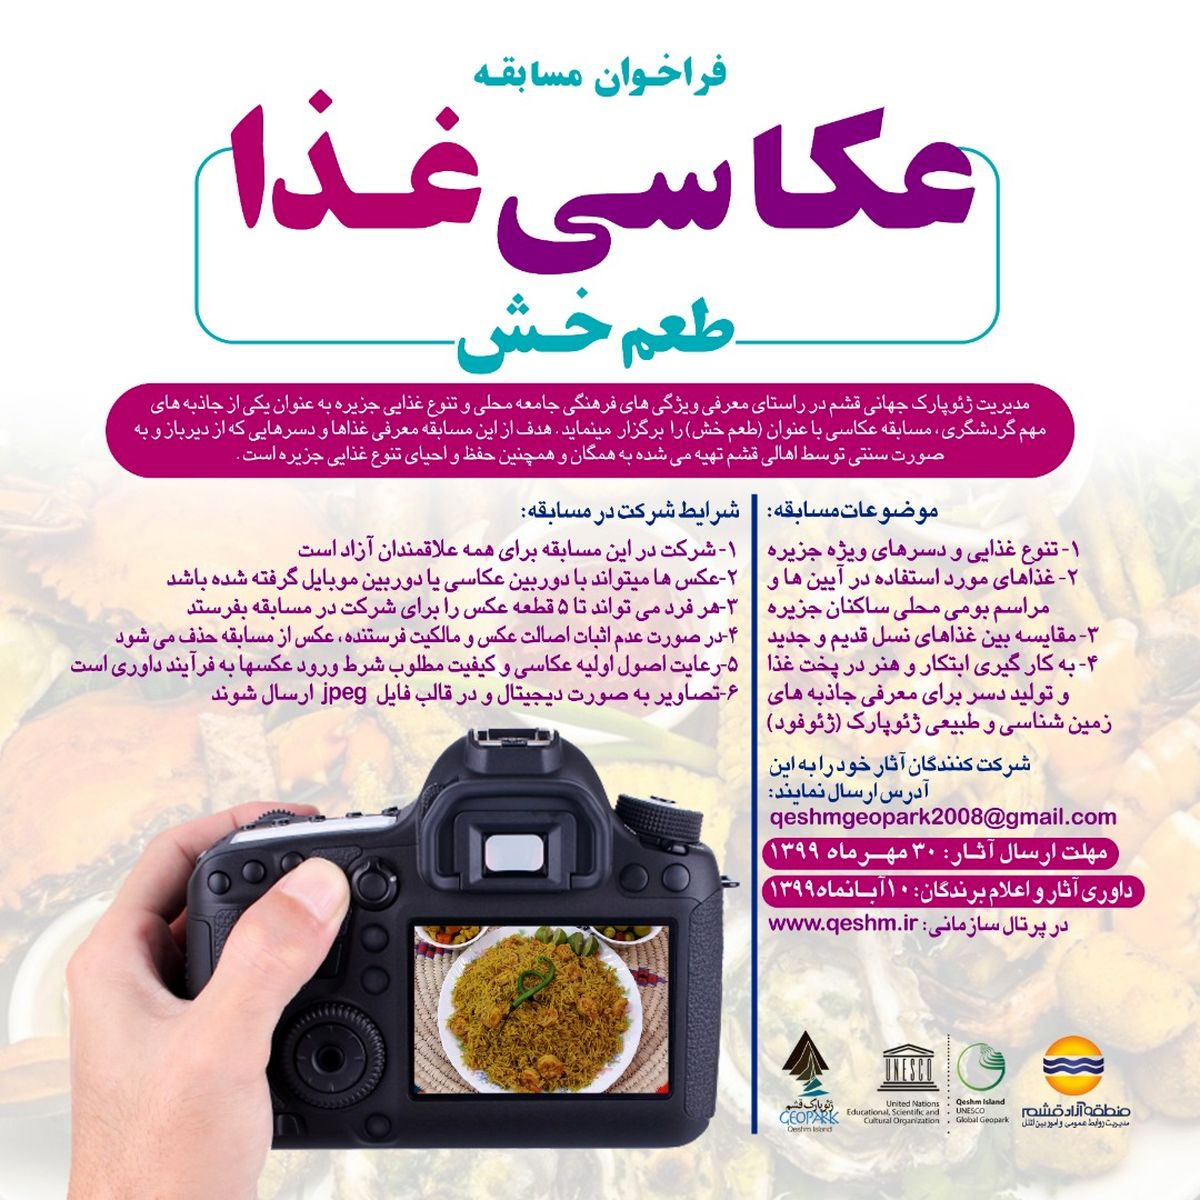 برگزاری مسابقه عکاسی«طعم خش» برای معرفی جاذبه های ژئوفود قشم